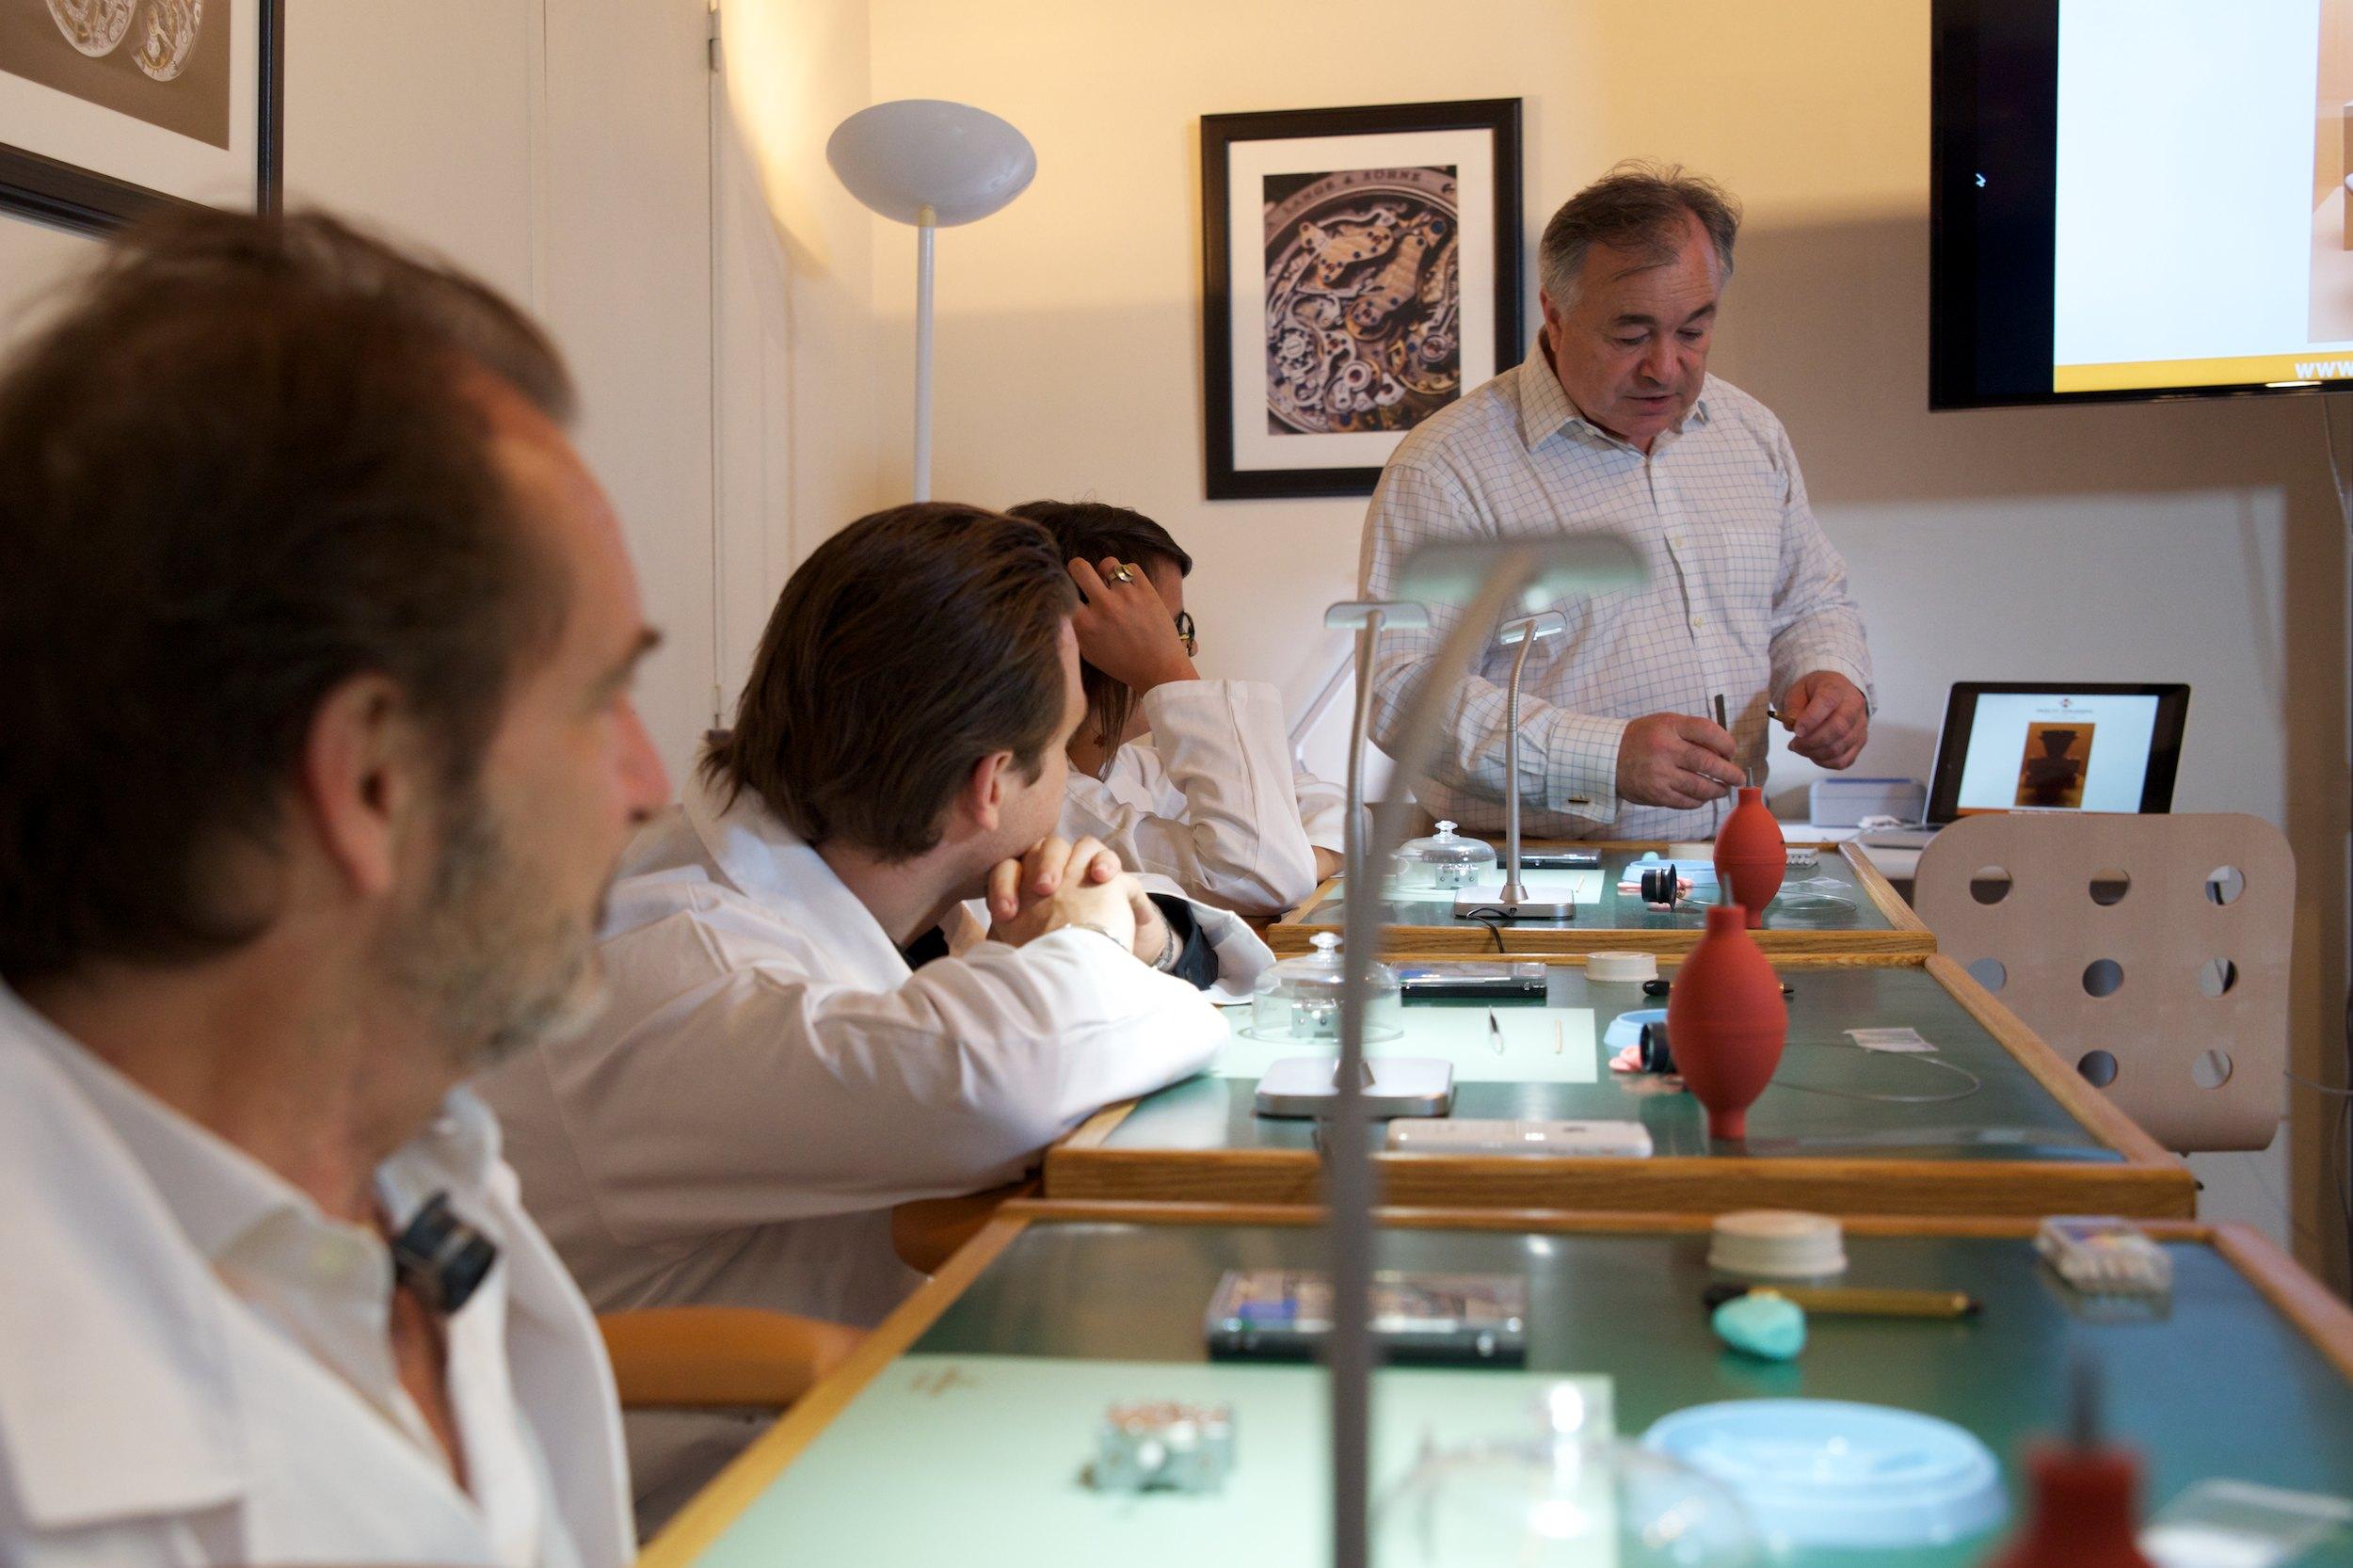 Férus d'horlogerie venez essayer les ateliers d'initiation horlogère itinérants en Province et à l'Etranger : Top départ !